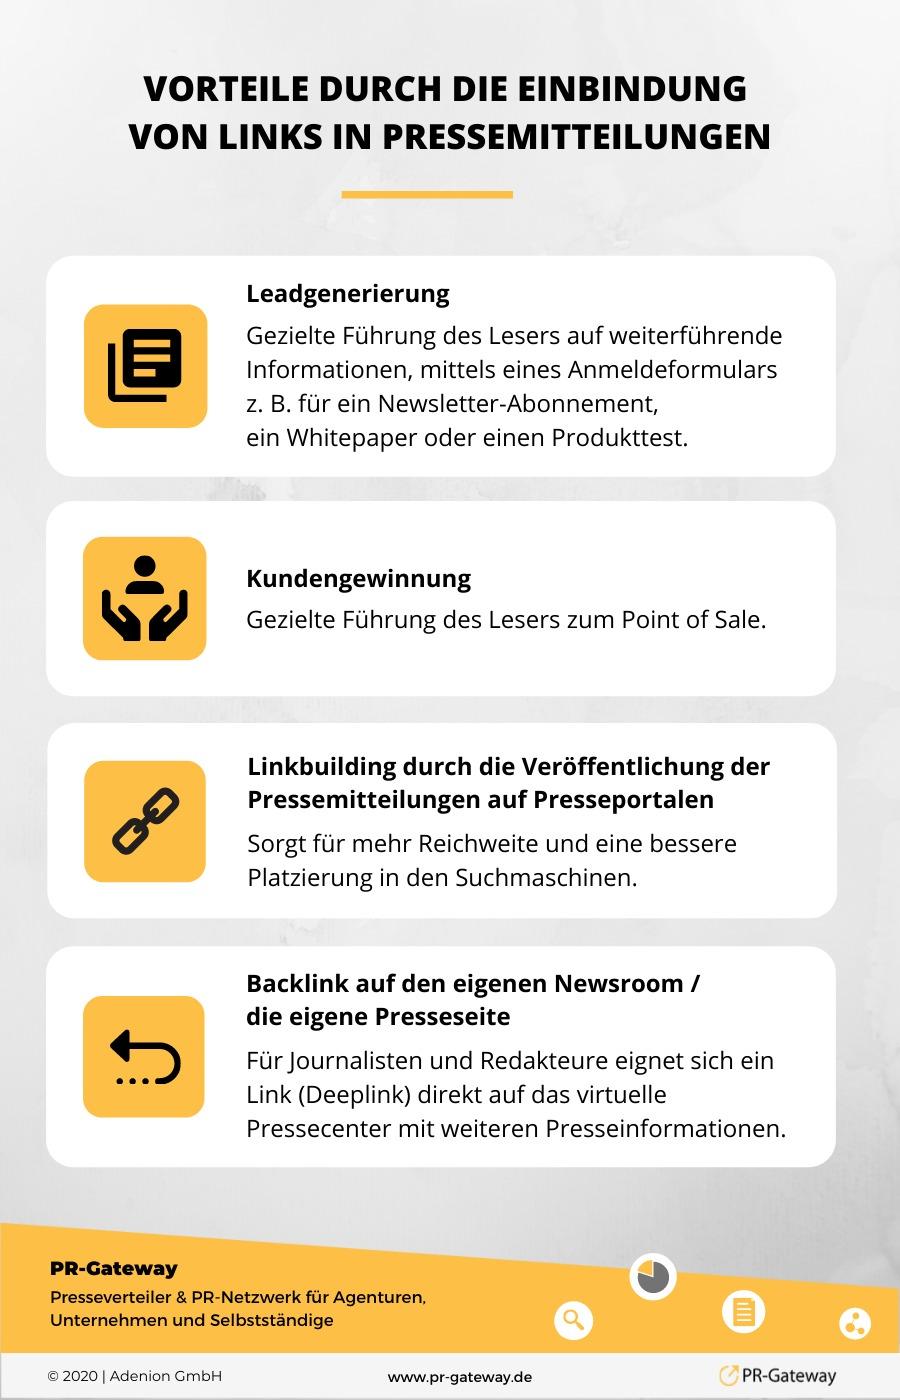 Vorteile durch die Einbindung von Links in Pressemitteilungen